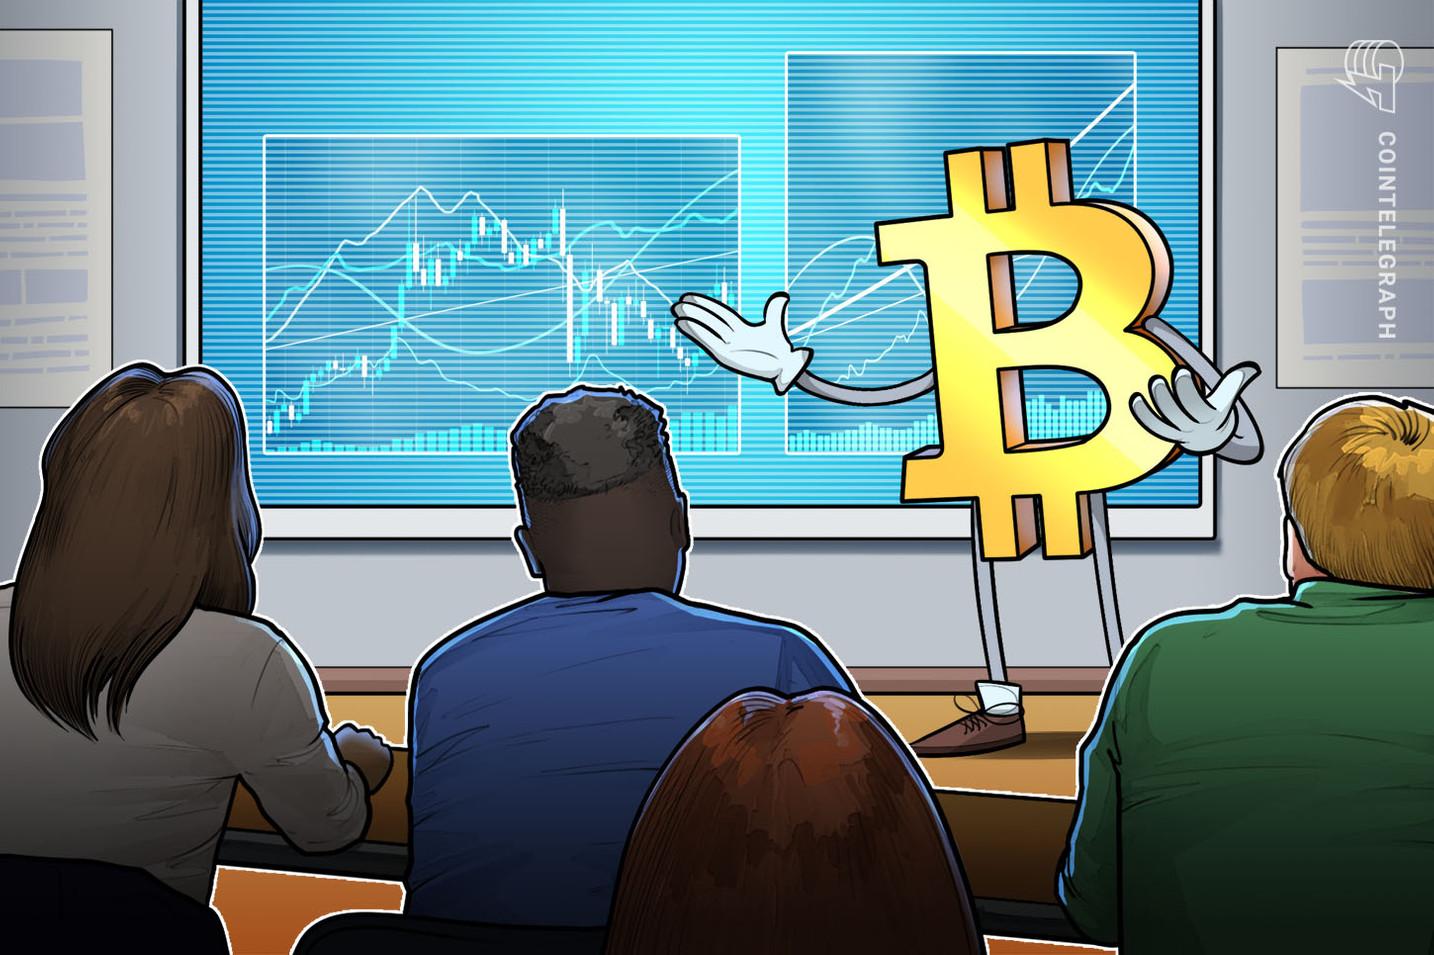 """Cena Bitcoina może wzrosnąć tylko wtedy, gdy """"reset"""" akumulacji 30 XNUMX USD będzie kontynuowany — Badania"""